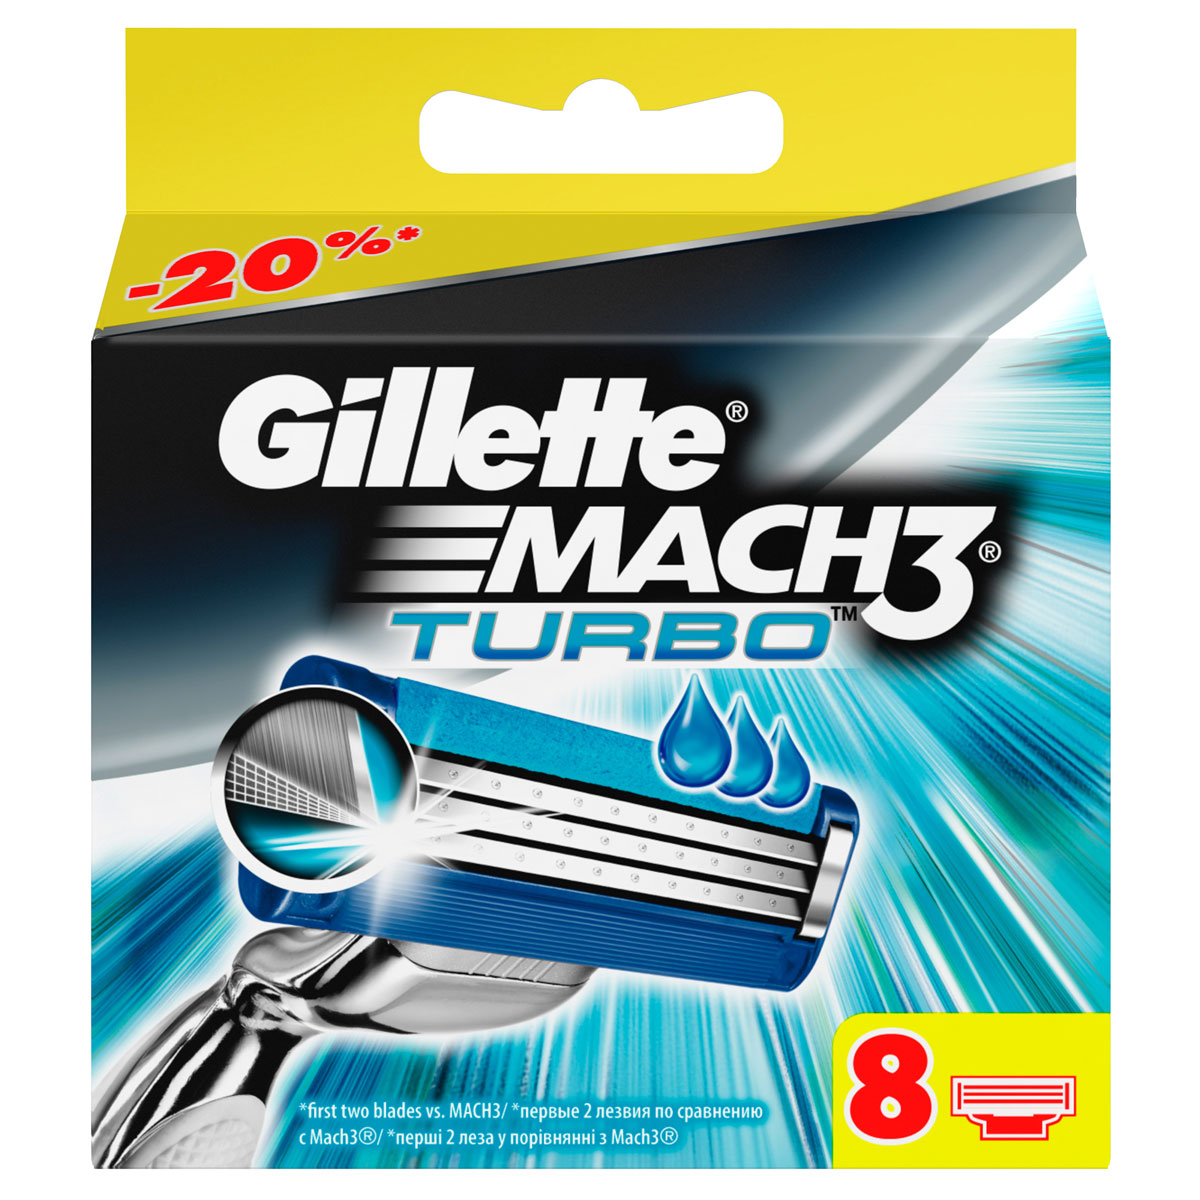 Gillette Сменные кассеты для бритья Mach 3 Turbo, 8 штMCT-13284680Новые лезвия. Острее, чем одноразоваябритва. Бреет без раздражения. Даже 10-ое бритье Mach3 комфортнее 1- го одноразовой бритвой. Совершенствуй процесс бритья с бритвой Mach3! Gillette Mach3 Turbo имеет более острые лезвия (первые двалезвия в сравнении с Mach3) и обеспечивает гладкое бритье без раздражения по сравнению одноразовымибритвами Bluell Plus. Лезвия Turbo легче срезают щетину, не тянут и не дергают волоски (первые два лезвия всравнении с Mach3), даря вам невероятный комфорт. В то же время гелевая полоска Comfort помогает сохранитьдольшевашу бритву Mach3 Turbo и мягко скользит по коже (по сравнению с одноразовыми бритвенными станкамиBluell Plus). Этот станок имеет вдвое больше микрогребней SkinGuard для мягкости бритья (по сравнению содноразовыми бритвенными станками Bluell Plus). Плавающая головка обеспечивает тесный контакт лезвий скожей, рукоятка с регулировкой нажатия адаптируется к контурам лица для более легкого и комфортного бритья(по сравнению с одноразовыми бритвенными станками Blueell Plus). Даже десятое бритье Mach 3 комфортнеепервого одноразовой бритвой (по сравнению с одноразовыми станками для бритья Bluell Plus). Первые два лезвия по сравнению с Gillette BlueII PlusПо сравнению с Gillette BlueII PlusСрок хранения - 5 лет.